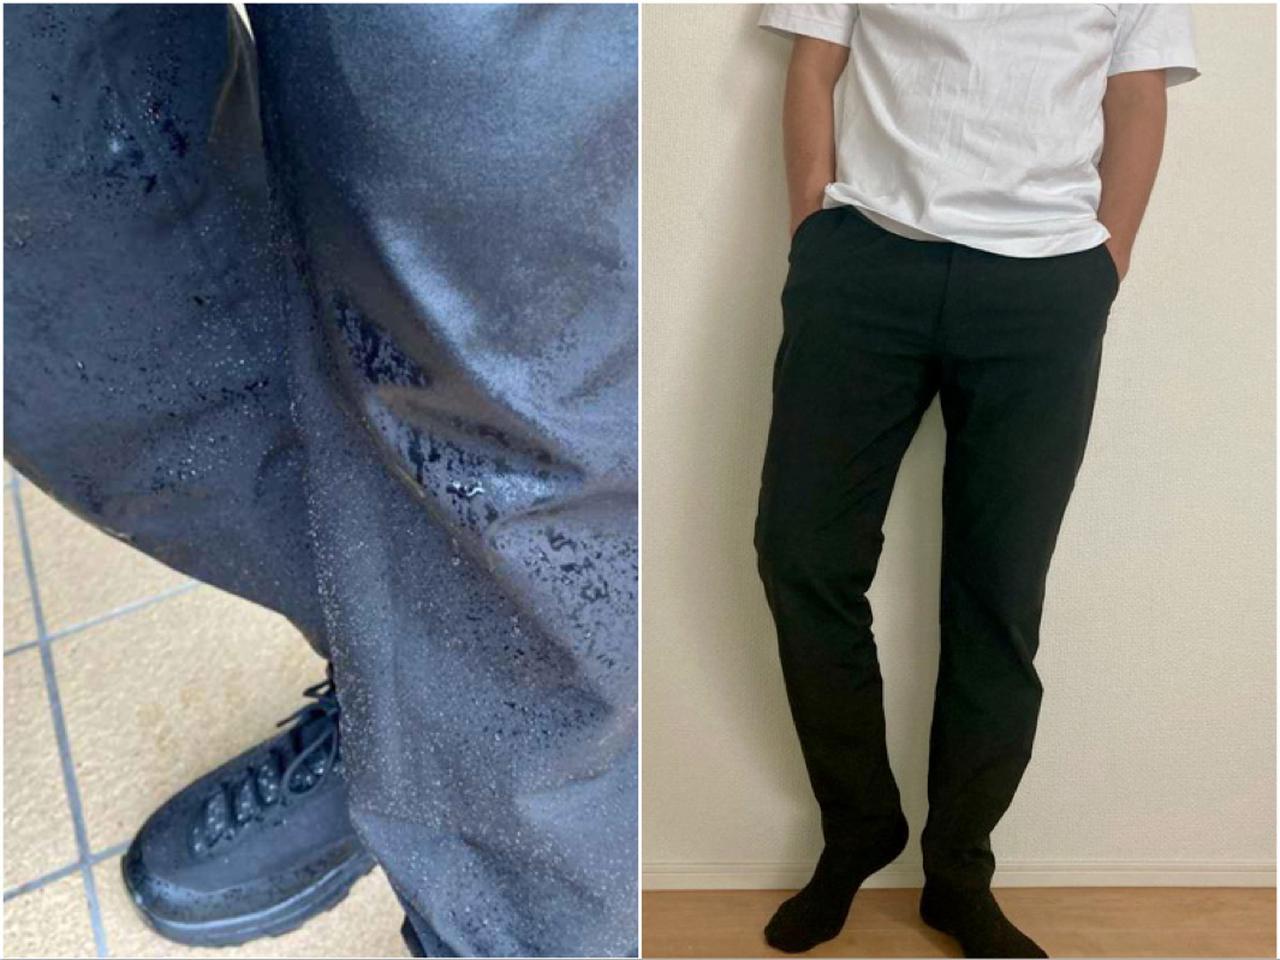 【ワークマンの防水パンツ】直履き可能! レインウェアにも使える全天候型パンツを徹底レビュー